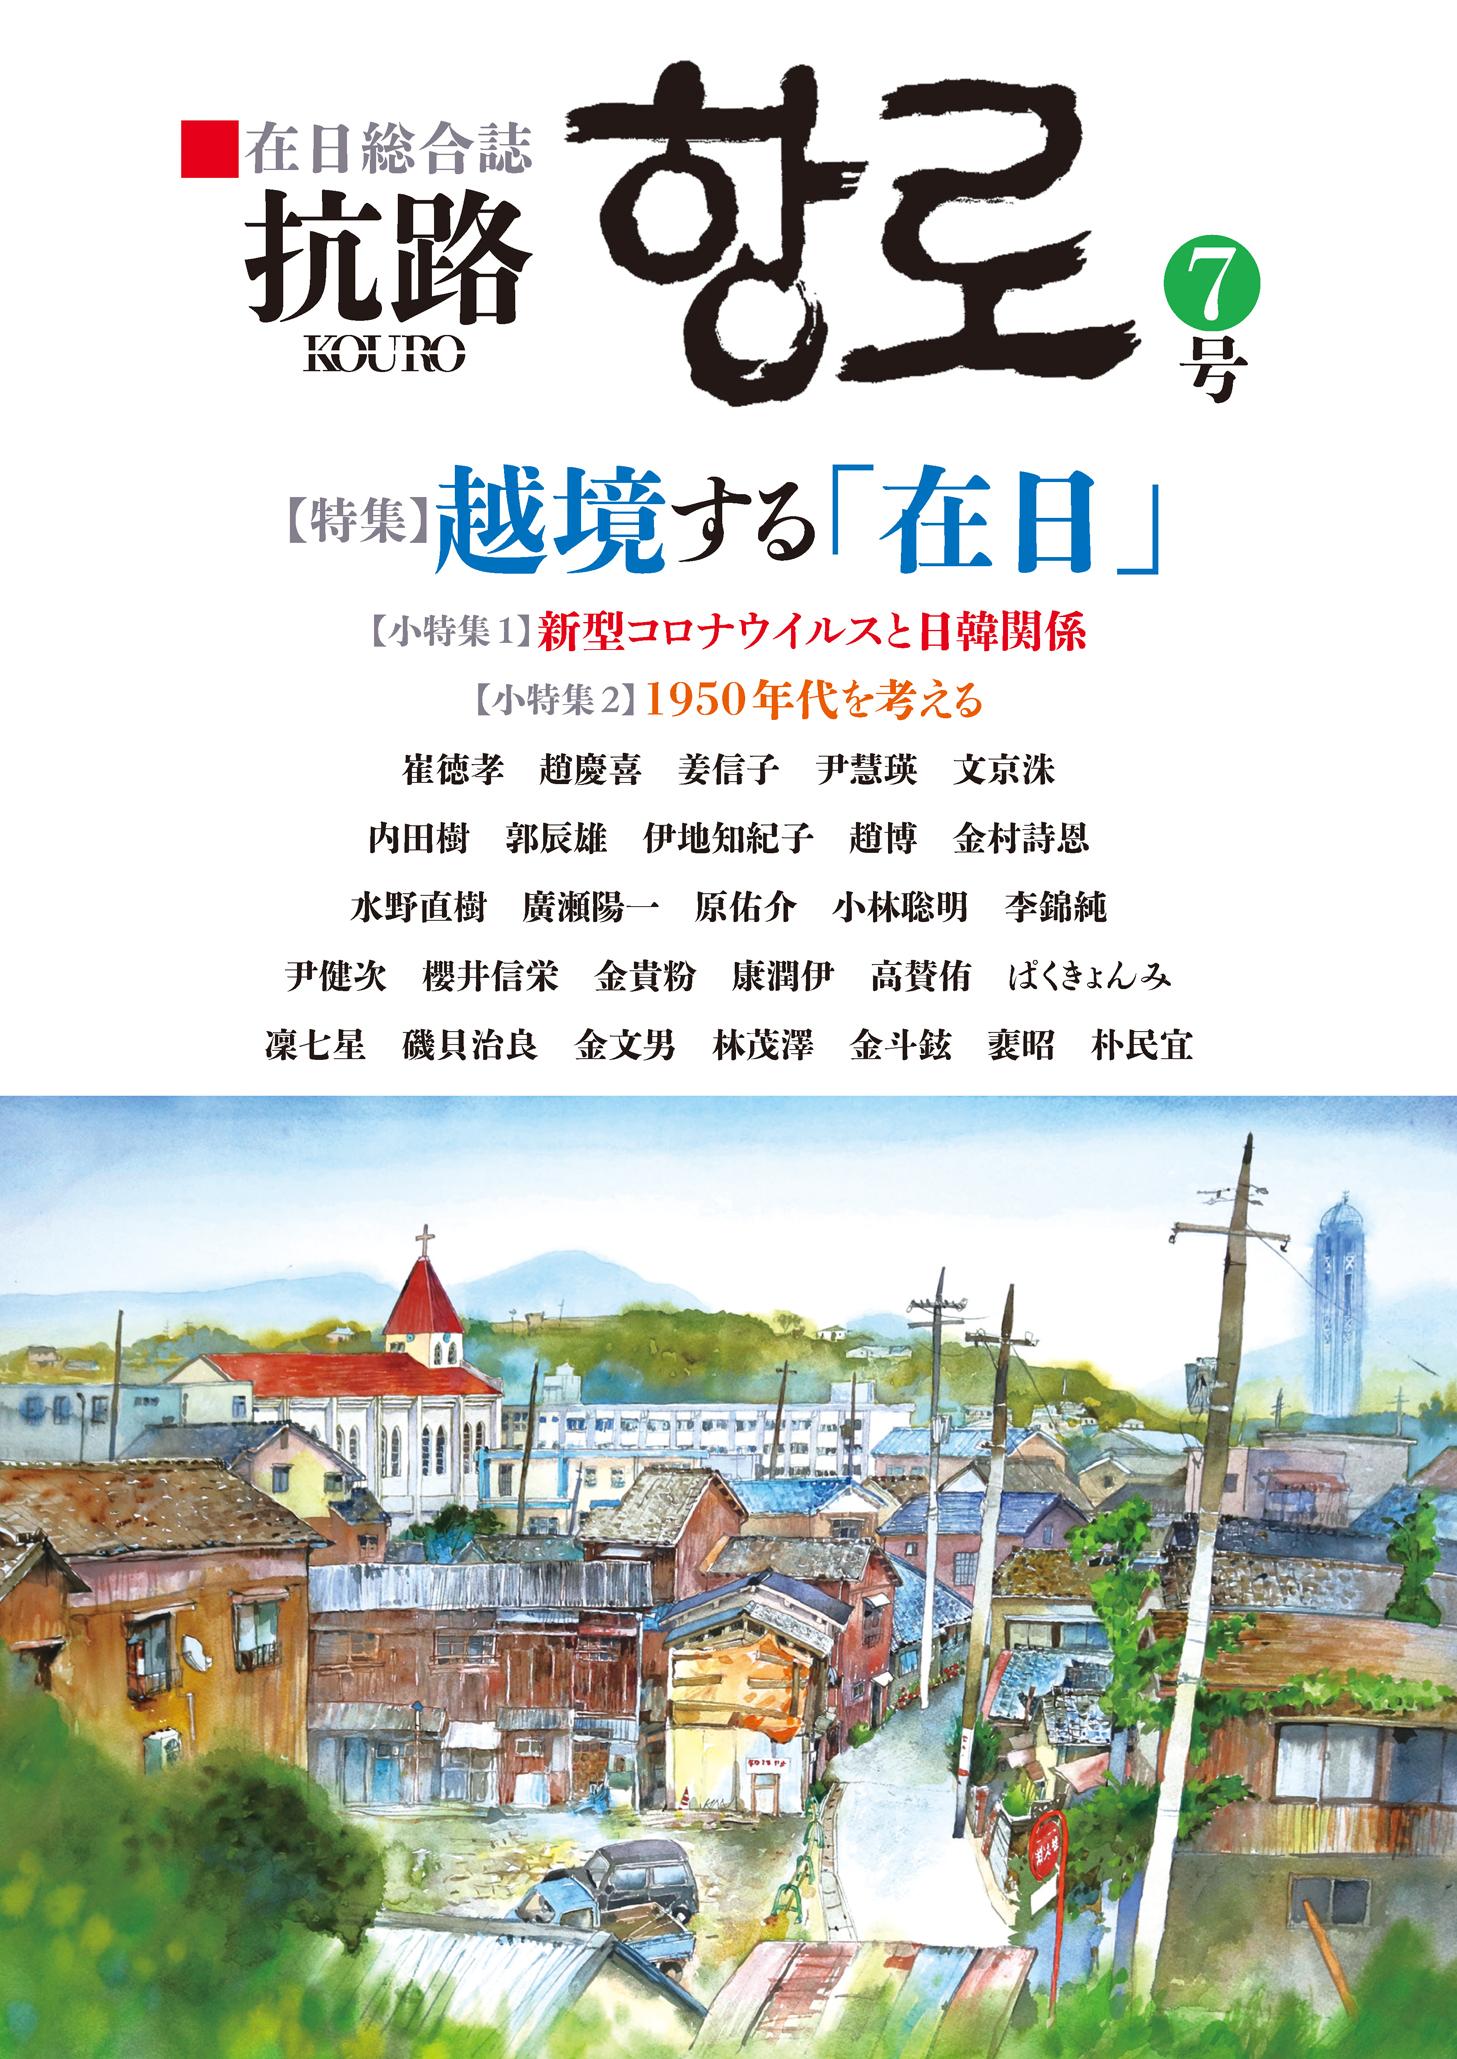 『抗路7号』「むのたけじ地域・民衆ジャーナリズム賞」優秀賞受賞